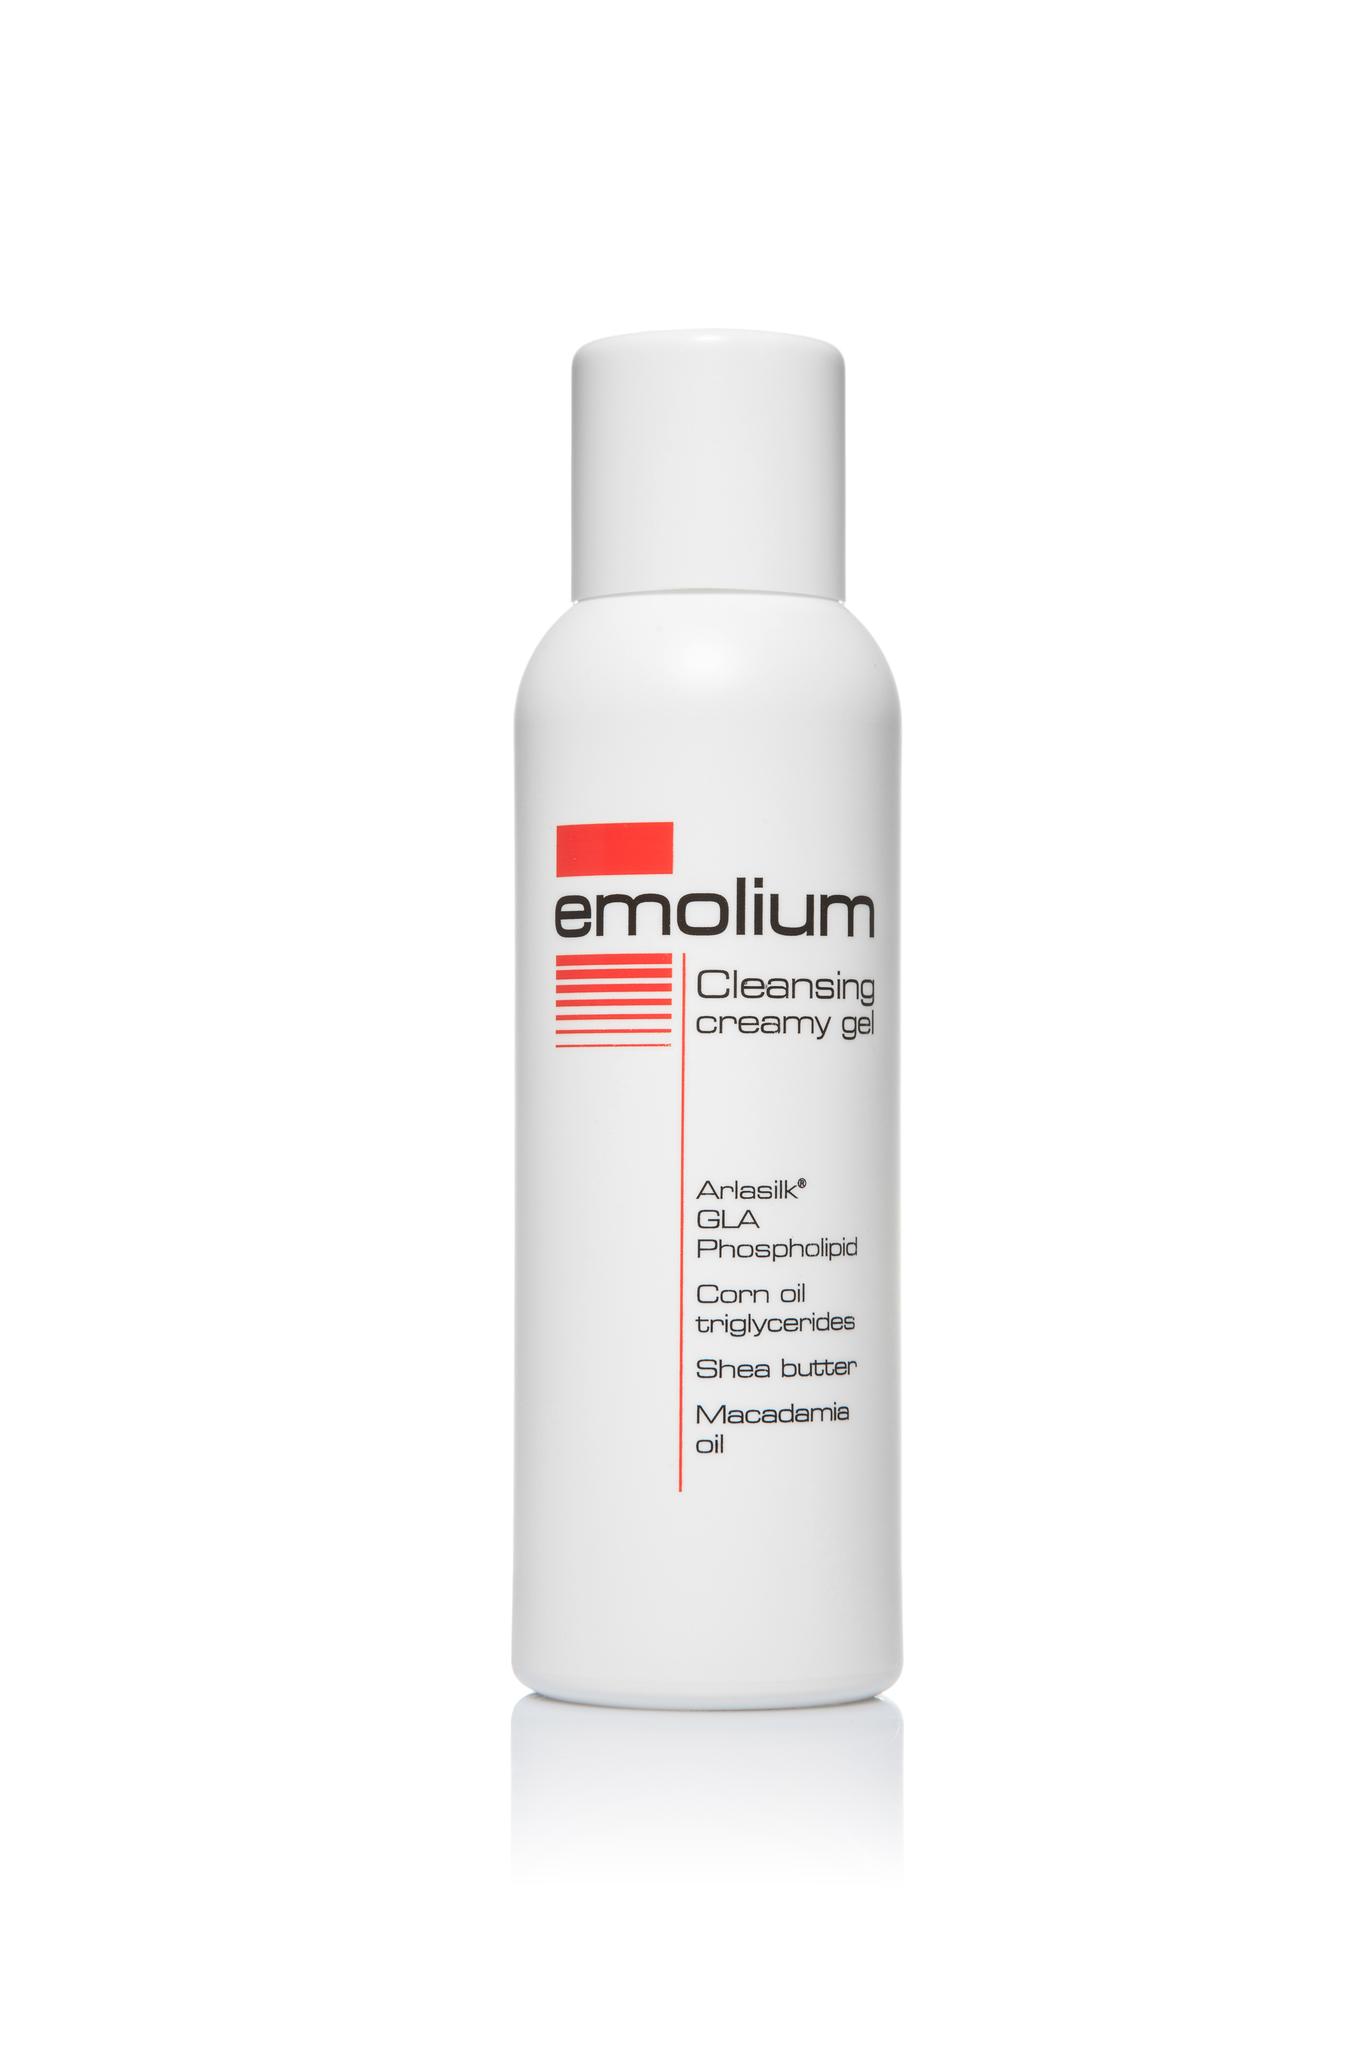 Эмолиум кремовый гель для мытья 200 мл.